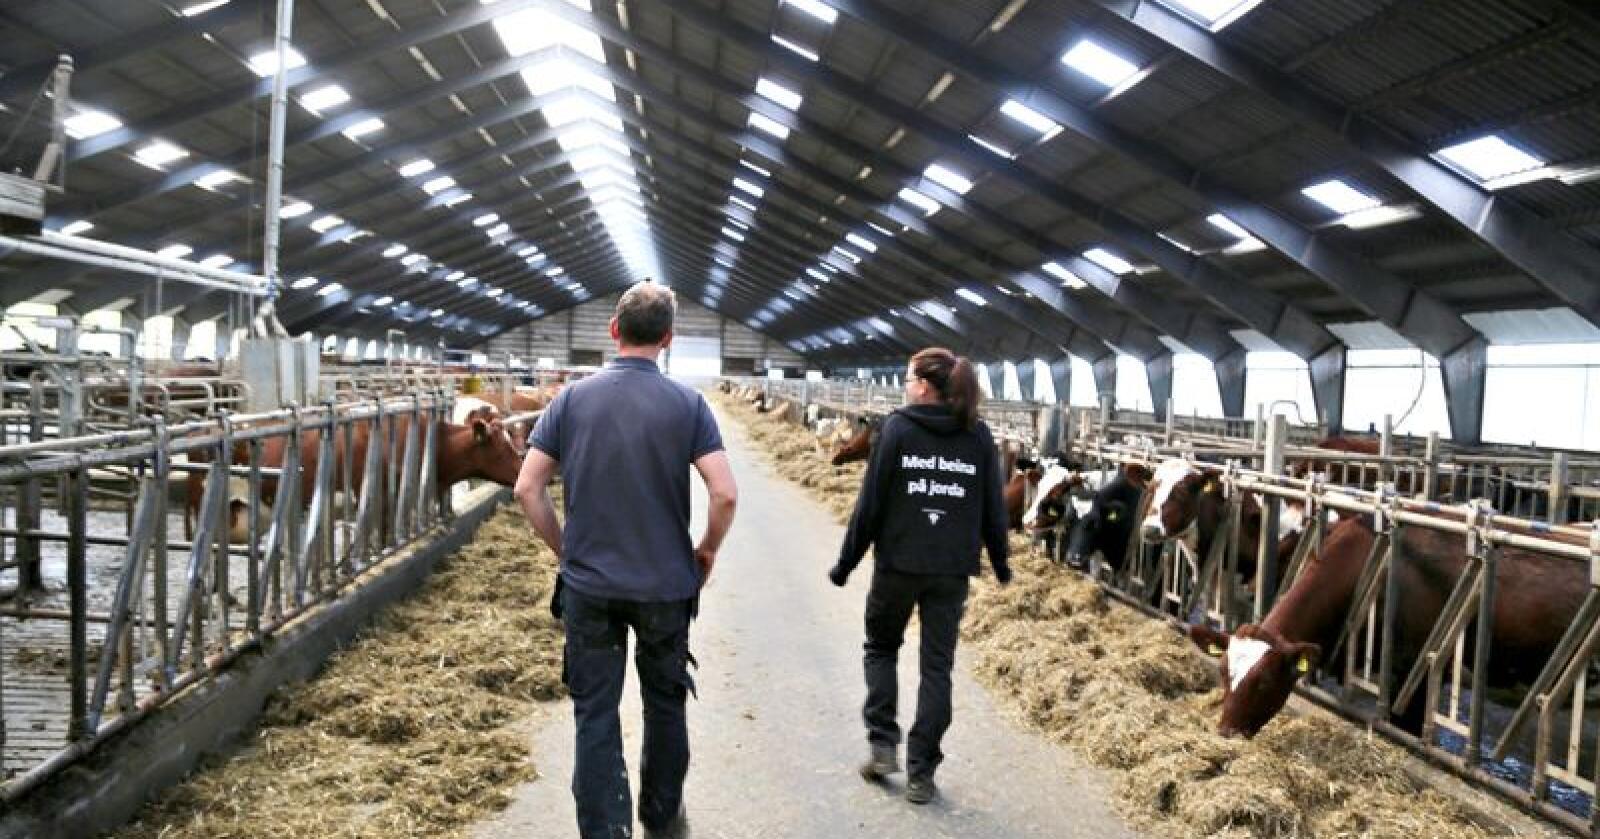 Nedskalering: Det skal utarbeides et opplegg for hvordan nedskaleringen av melkeproduksjonen skal gjennomføres. Det skal være etablert senest 1. oktober i år.  (Foto: Bethi Dirdal Jåtun)